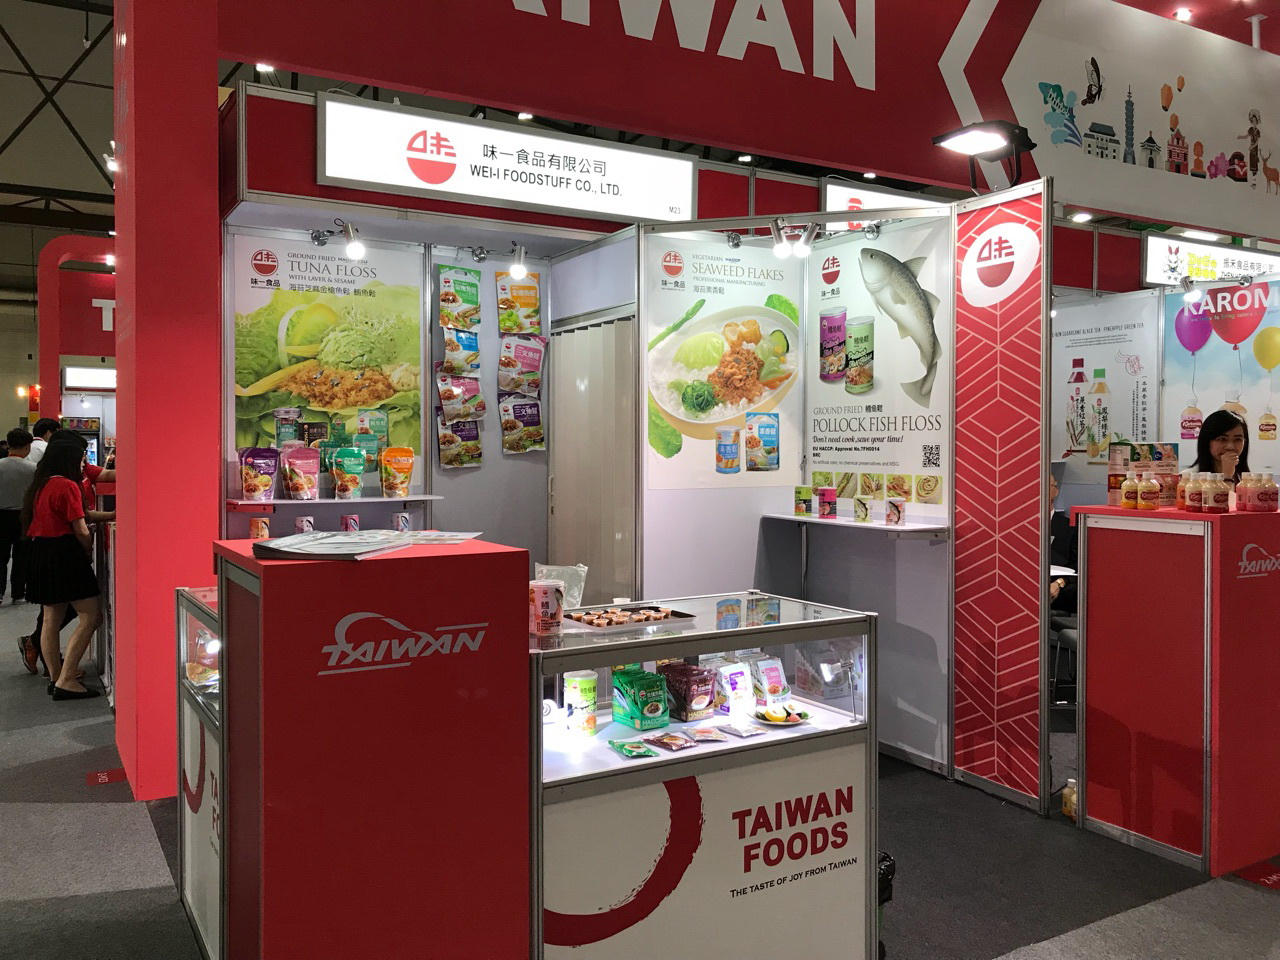 20180529-0602泰國國際食品展